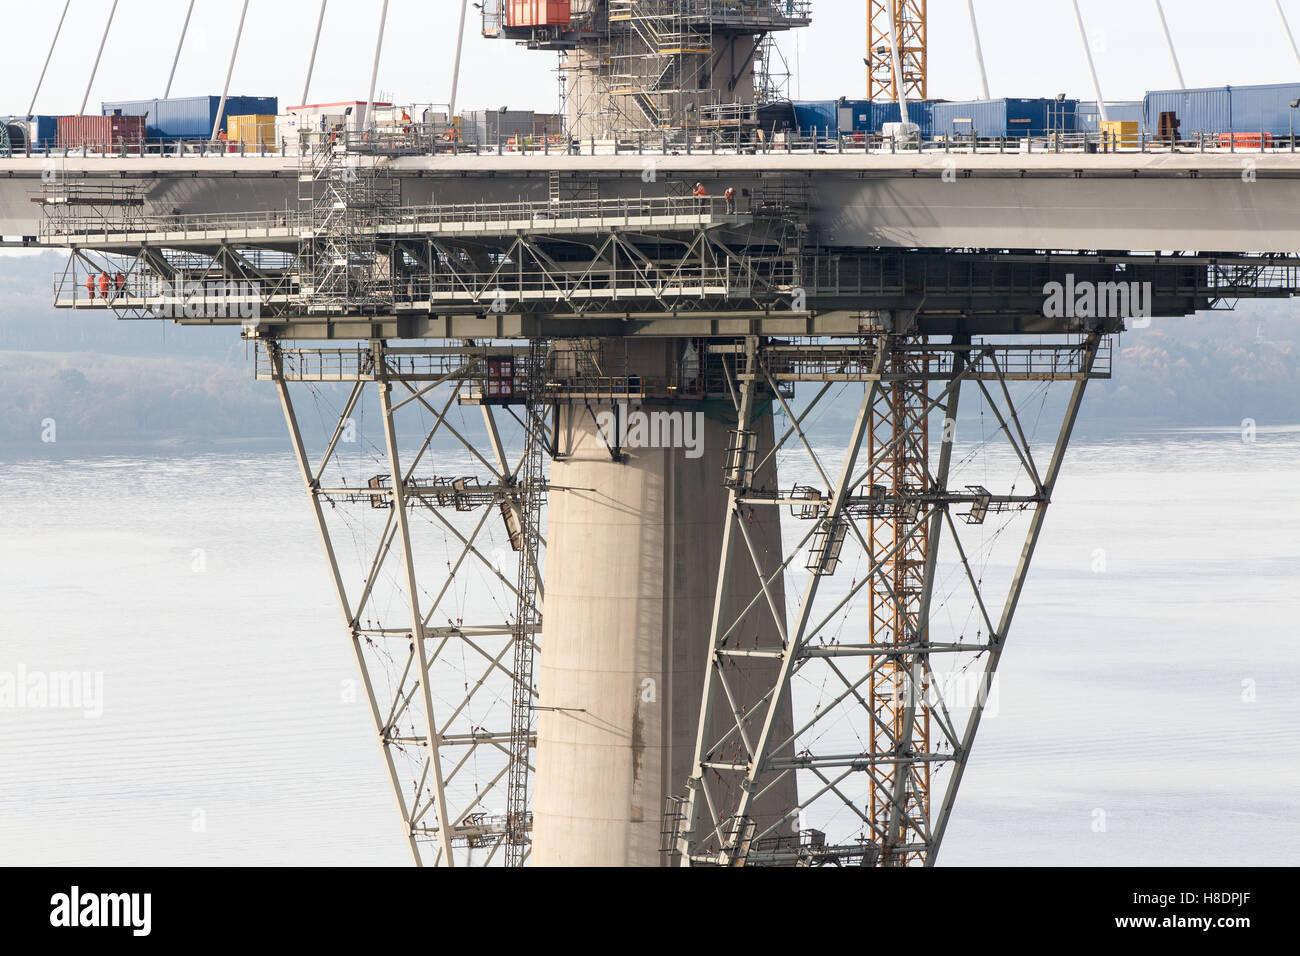 Queensferry, Edimburgo, Escocia, 11th, Noviembre, 2016. Puentes de Forth. El 2º puente de carretera está a punto de terminarse y esta foto muestra las obras de construcción y montajes del norte de Pier y el pontón. Phil Hutchinson/Alamy Live News Foto de stock